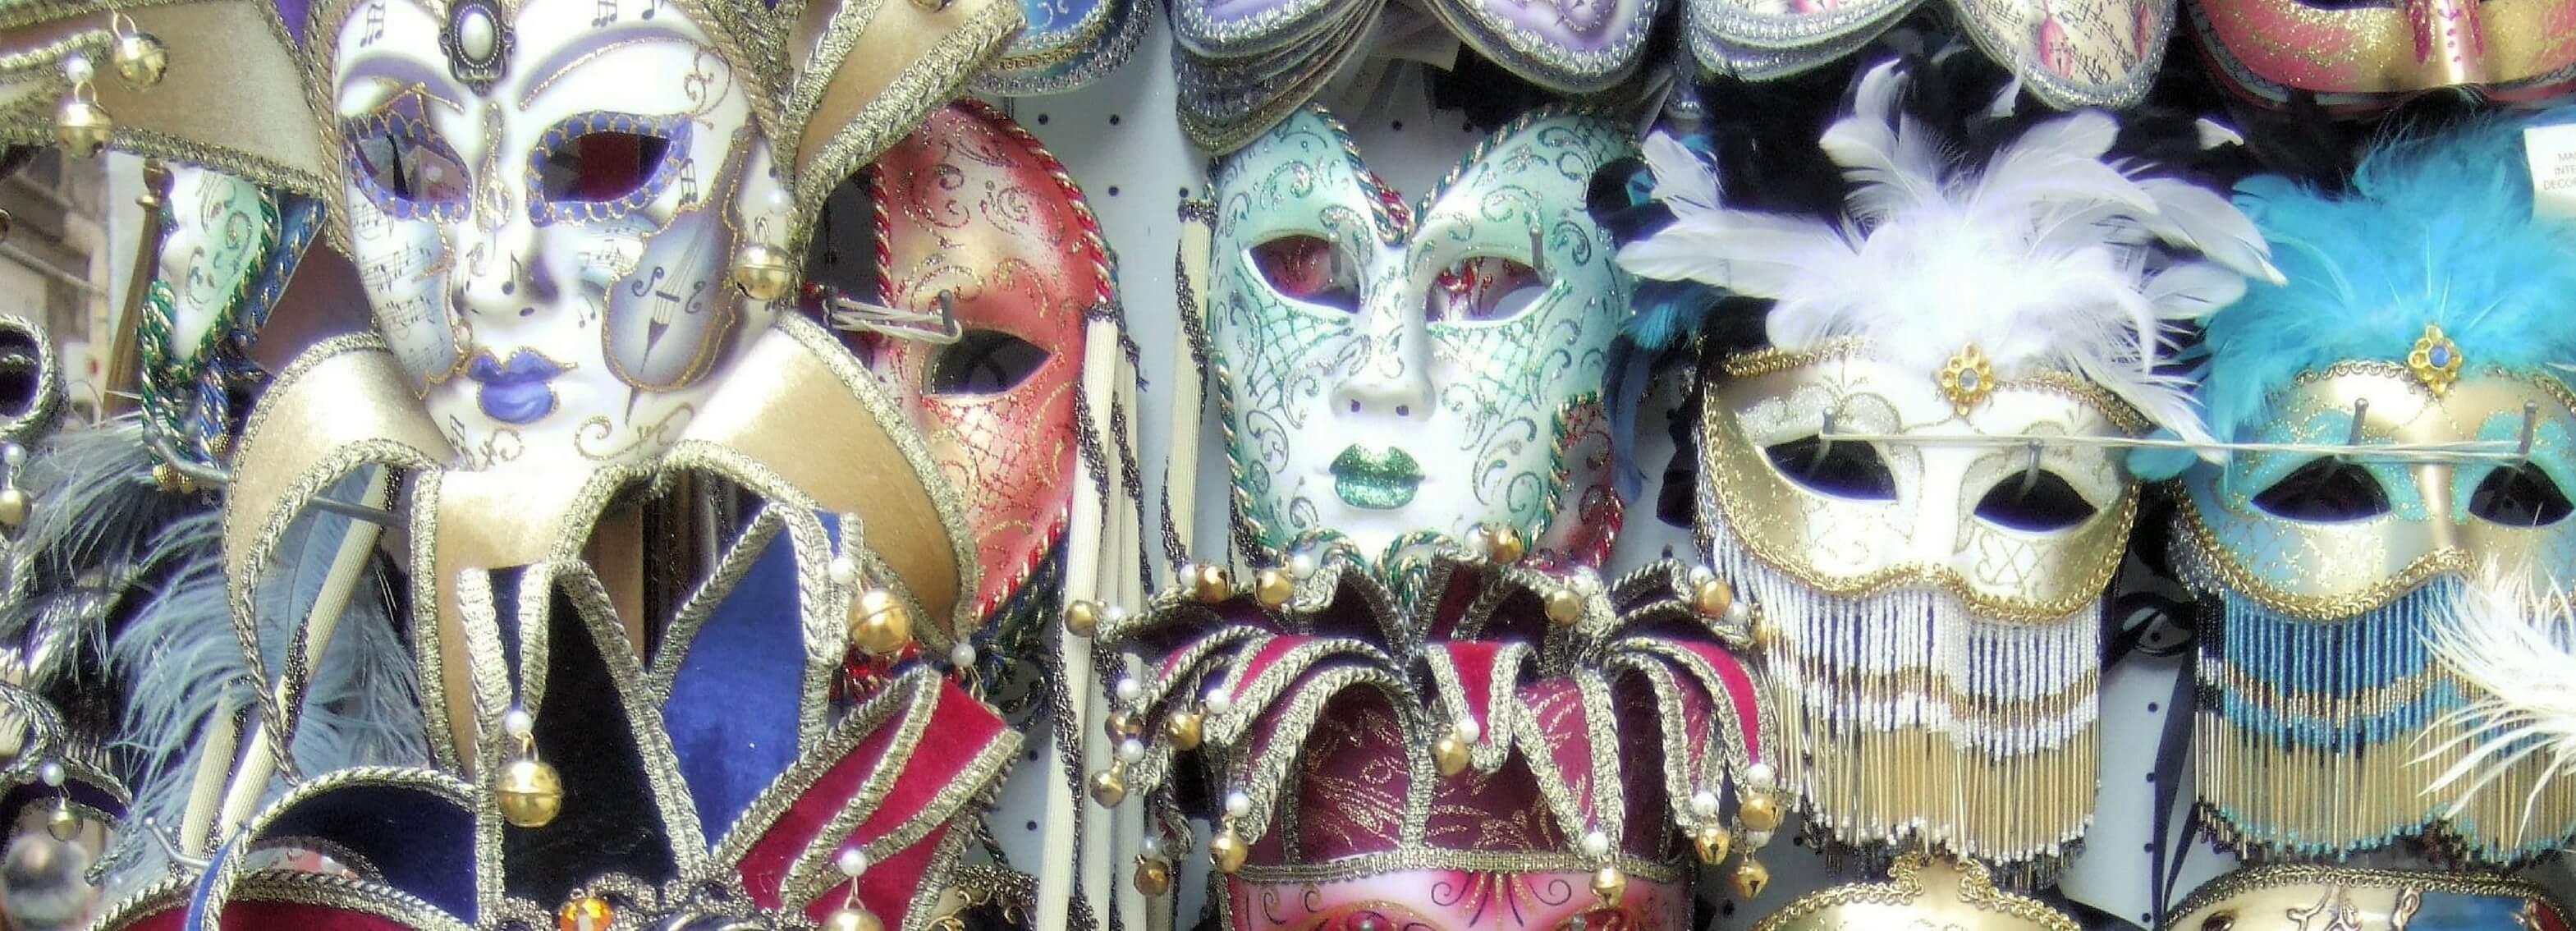 scheiden carnaval